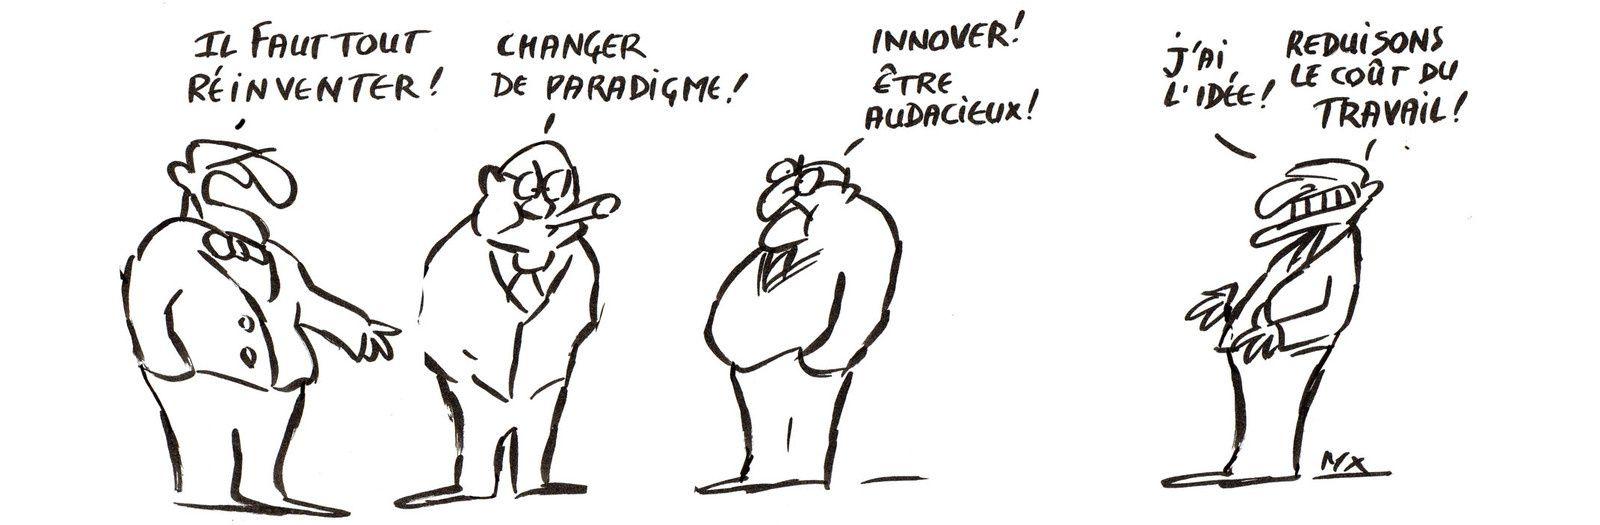 Macron, Fillon, Hamon, Mélenchon et les autres...